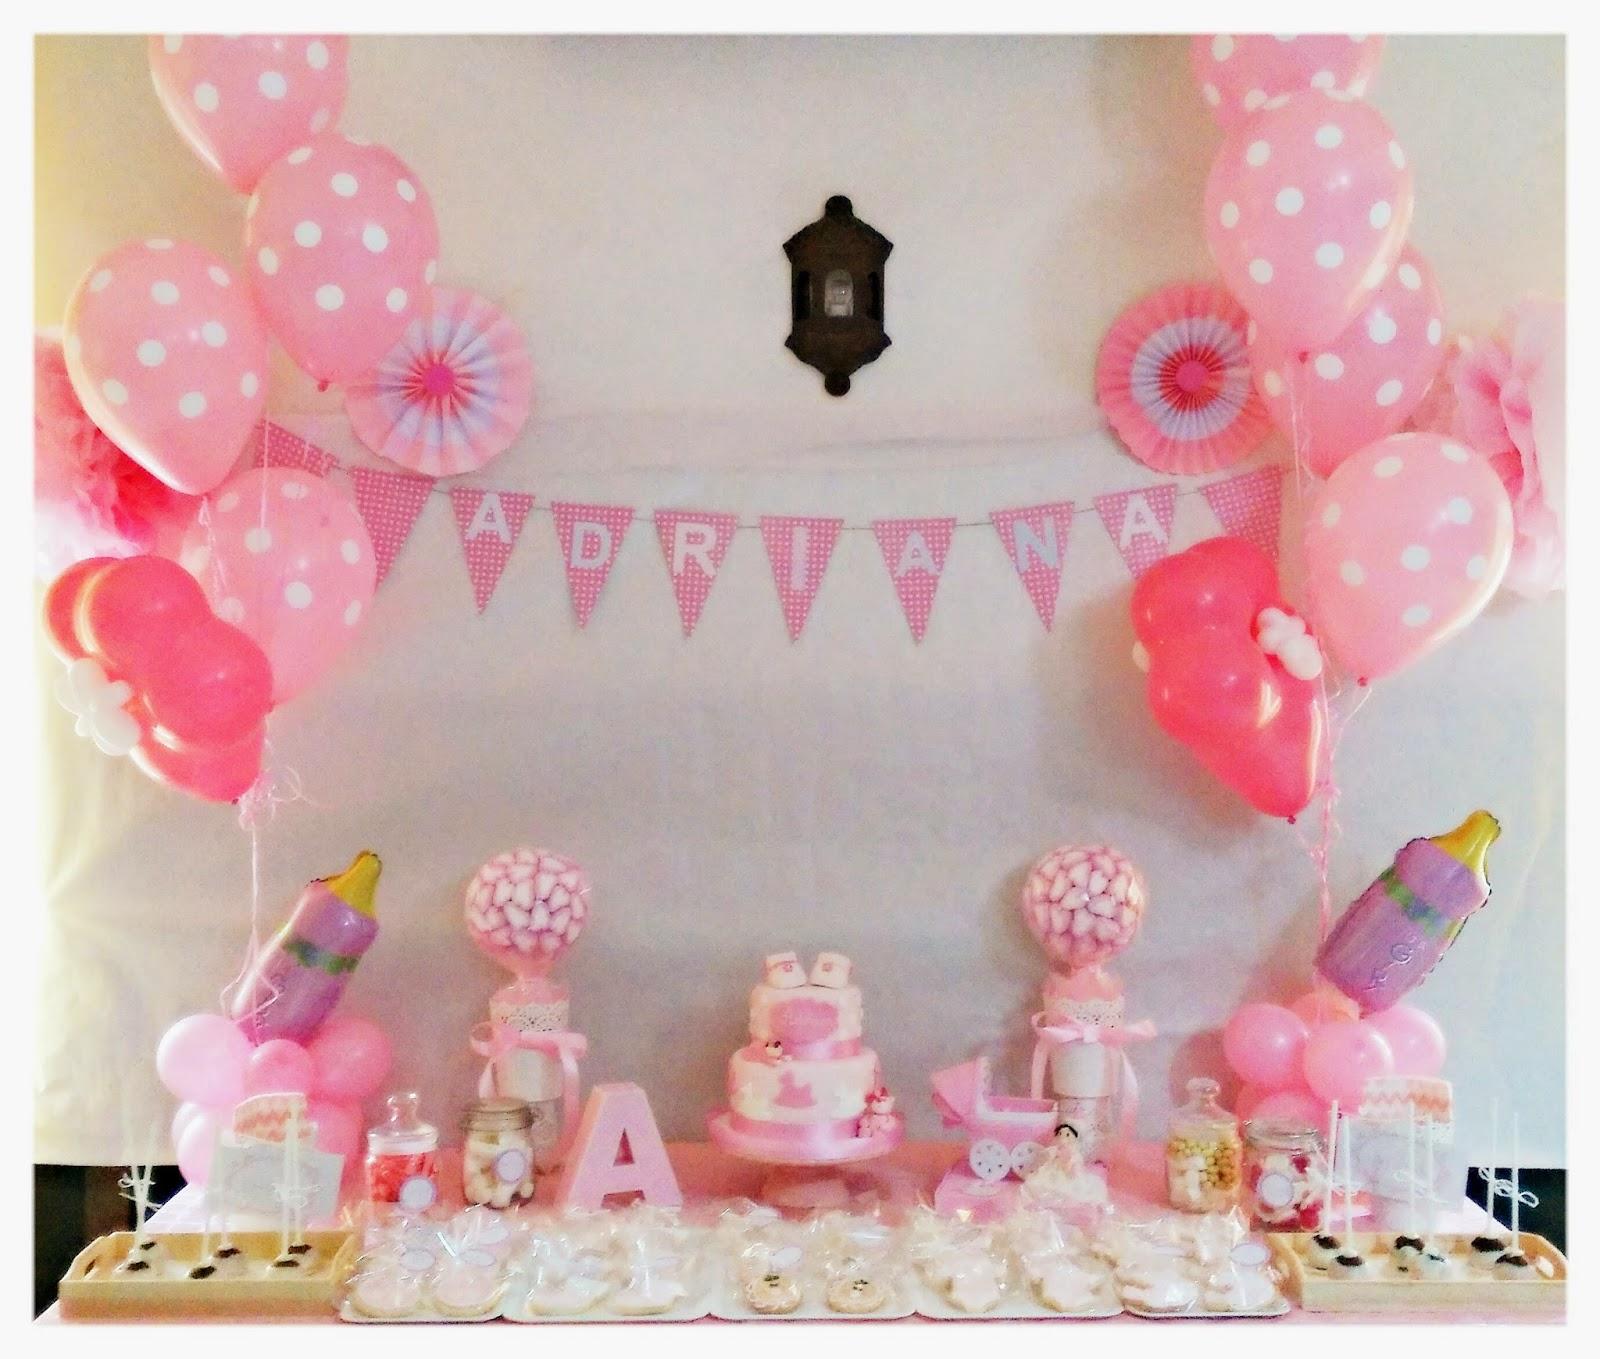 Las elaboraciones de rosa mesa dulce bautizo adriana - Hacer mesa dulce bautizo ...